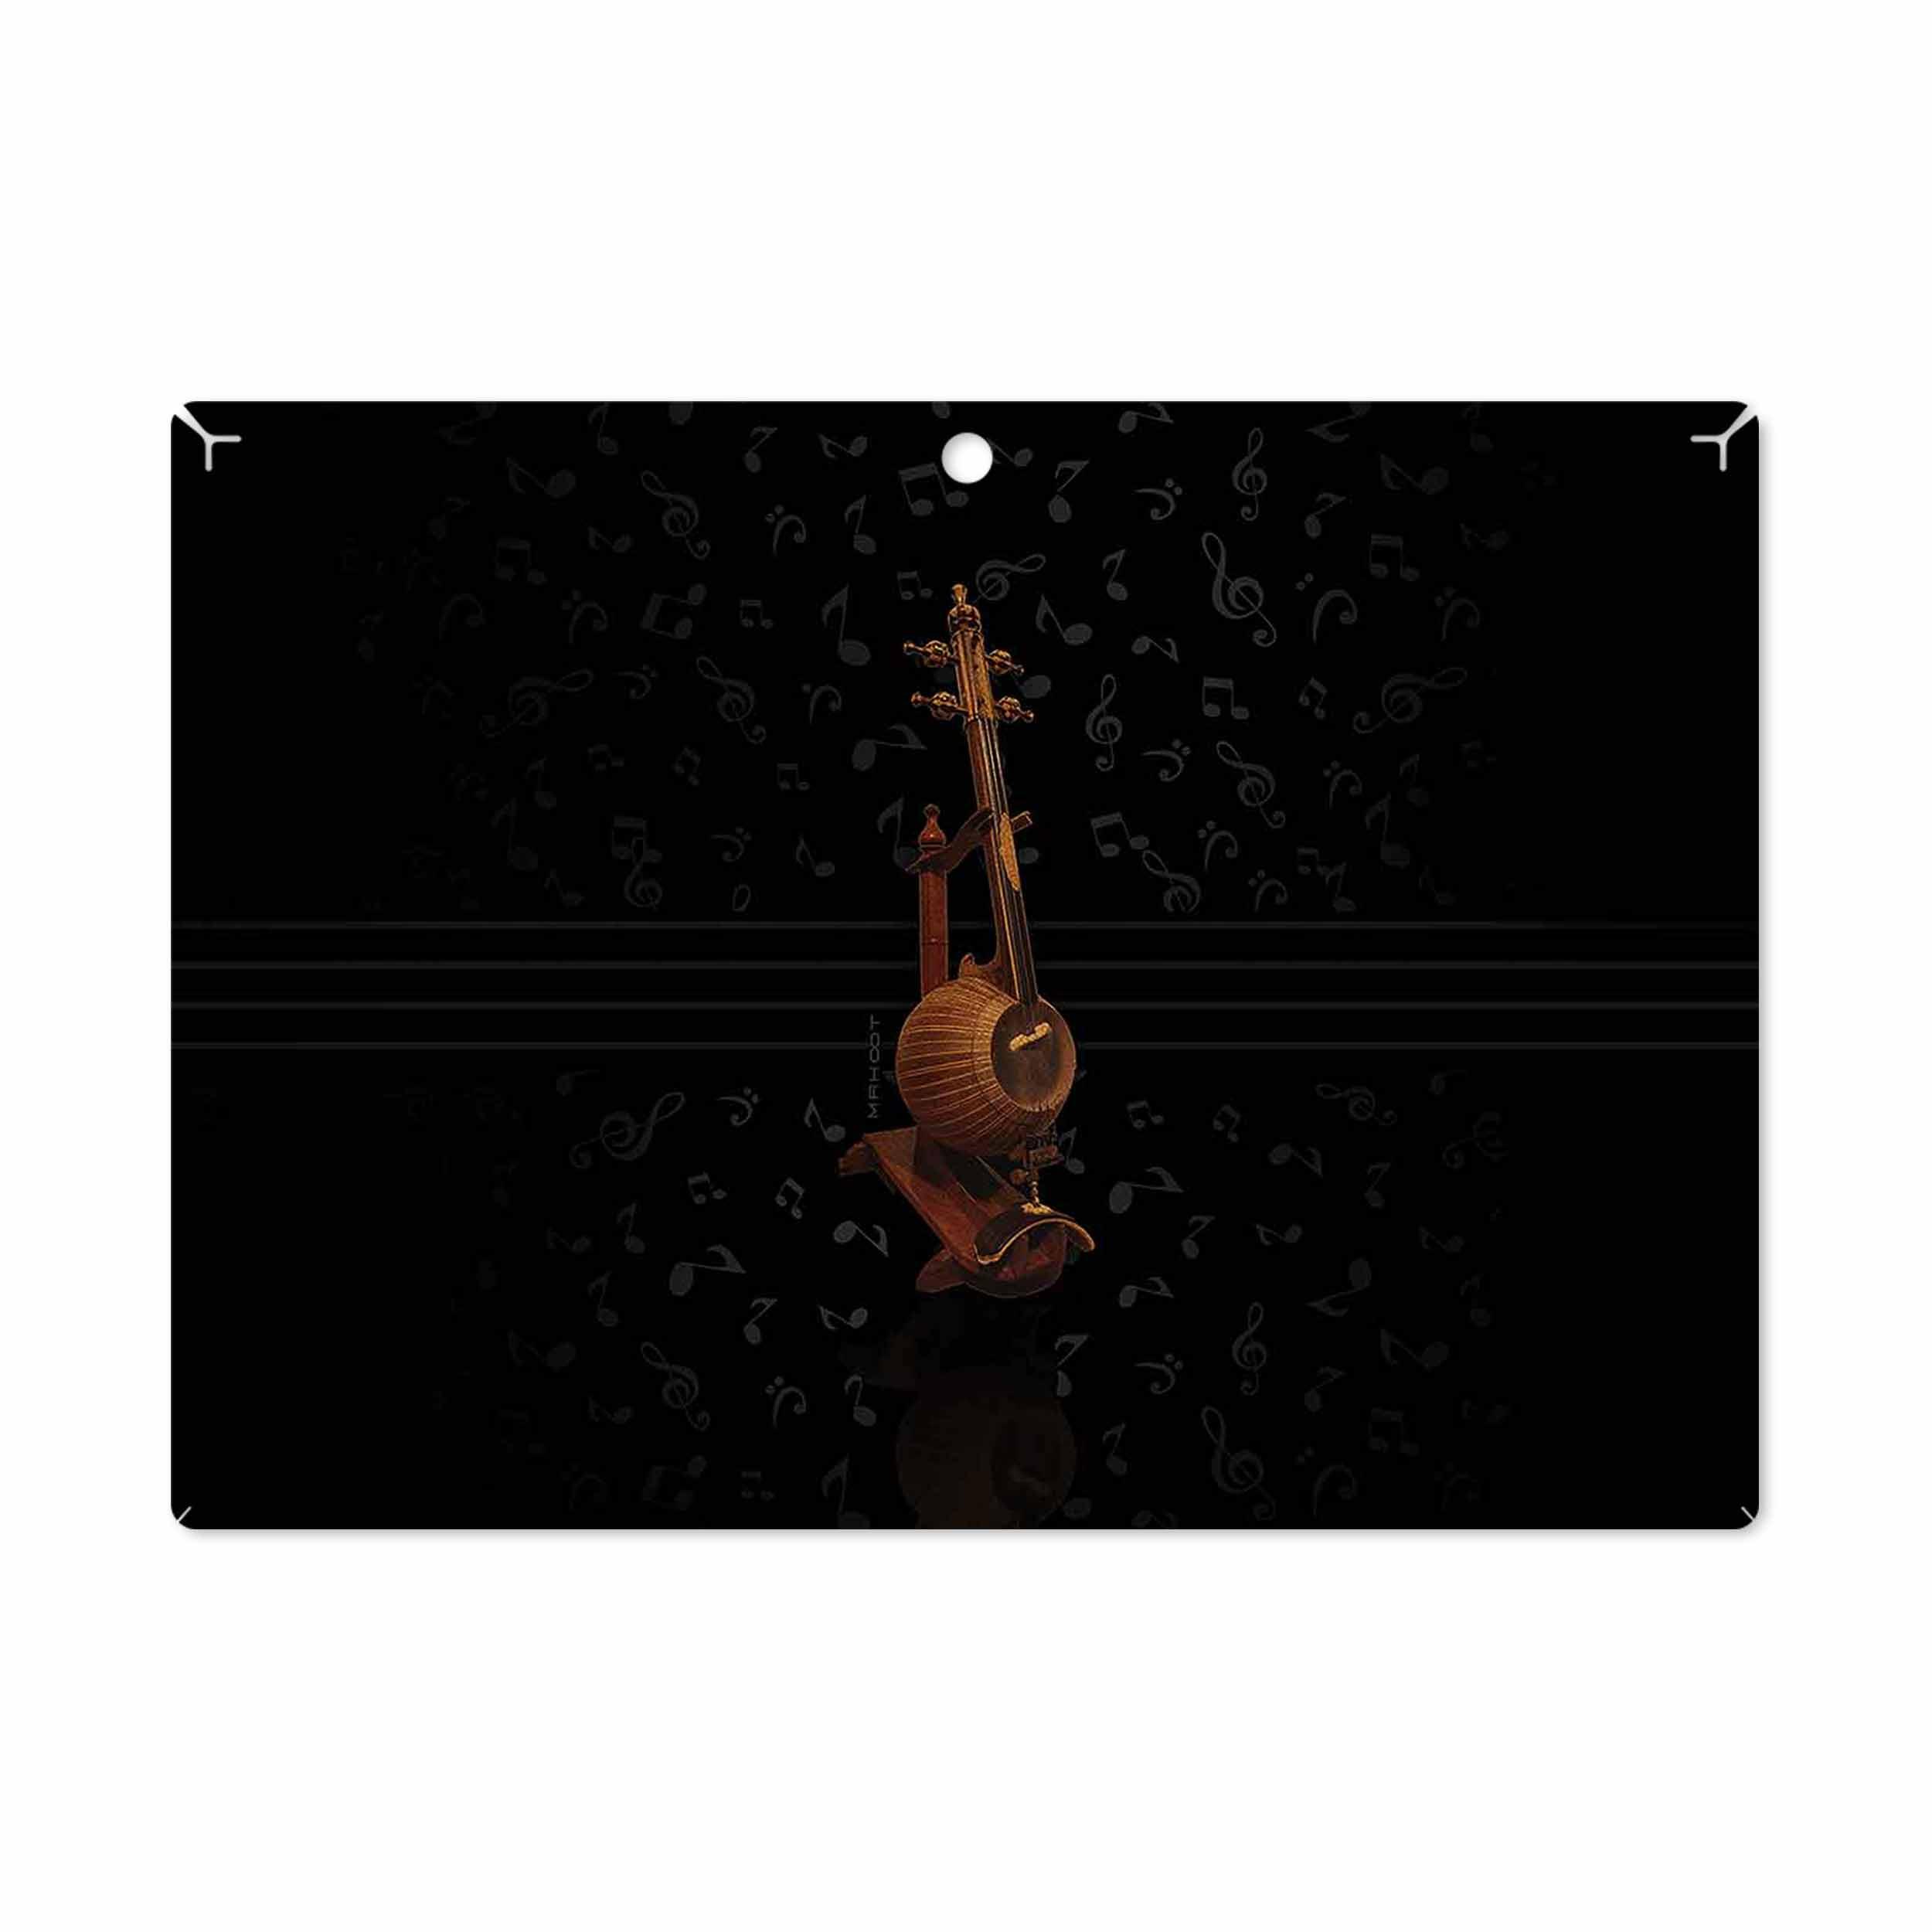 بررسی و خرید [با تخفیف]                                     برچسب پوششی ماهوت مدل Persian Fiddle Instrument مناسب برای تبلت لنوو Miix 320 2017                             اورجینال